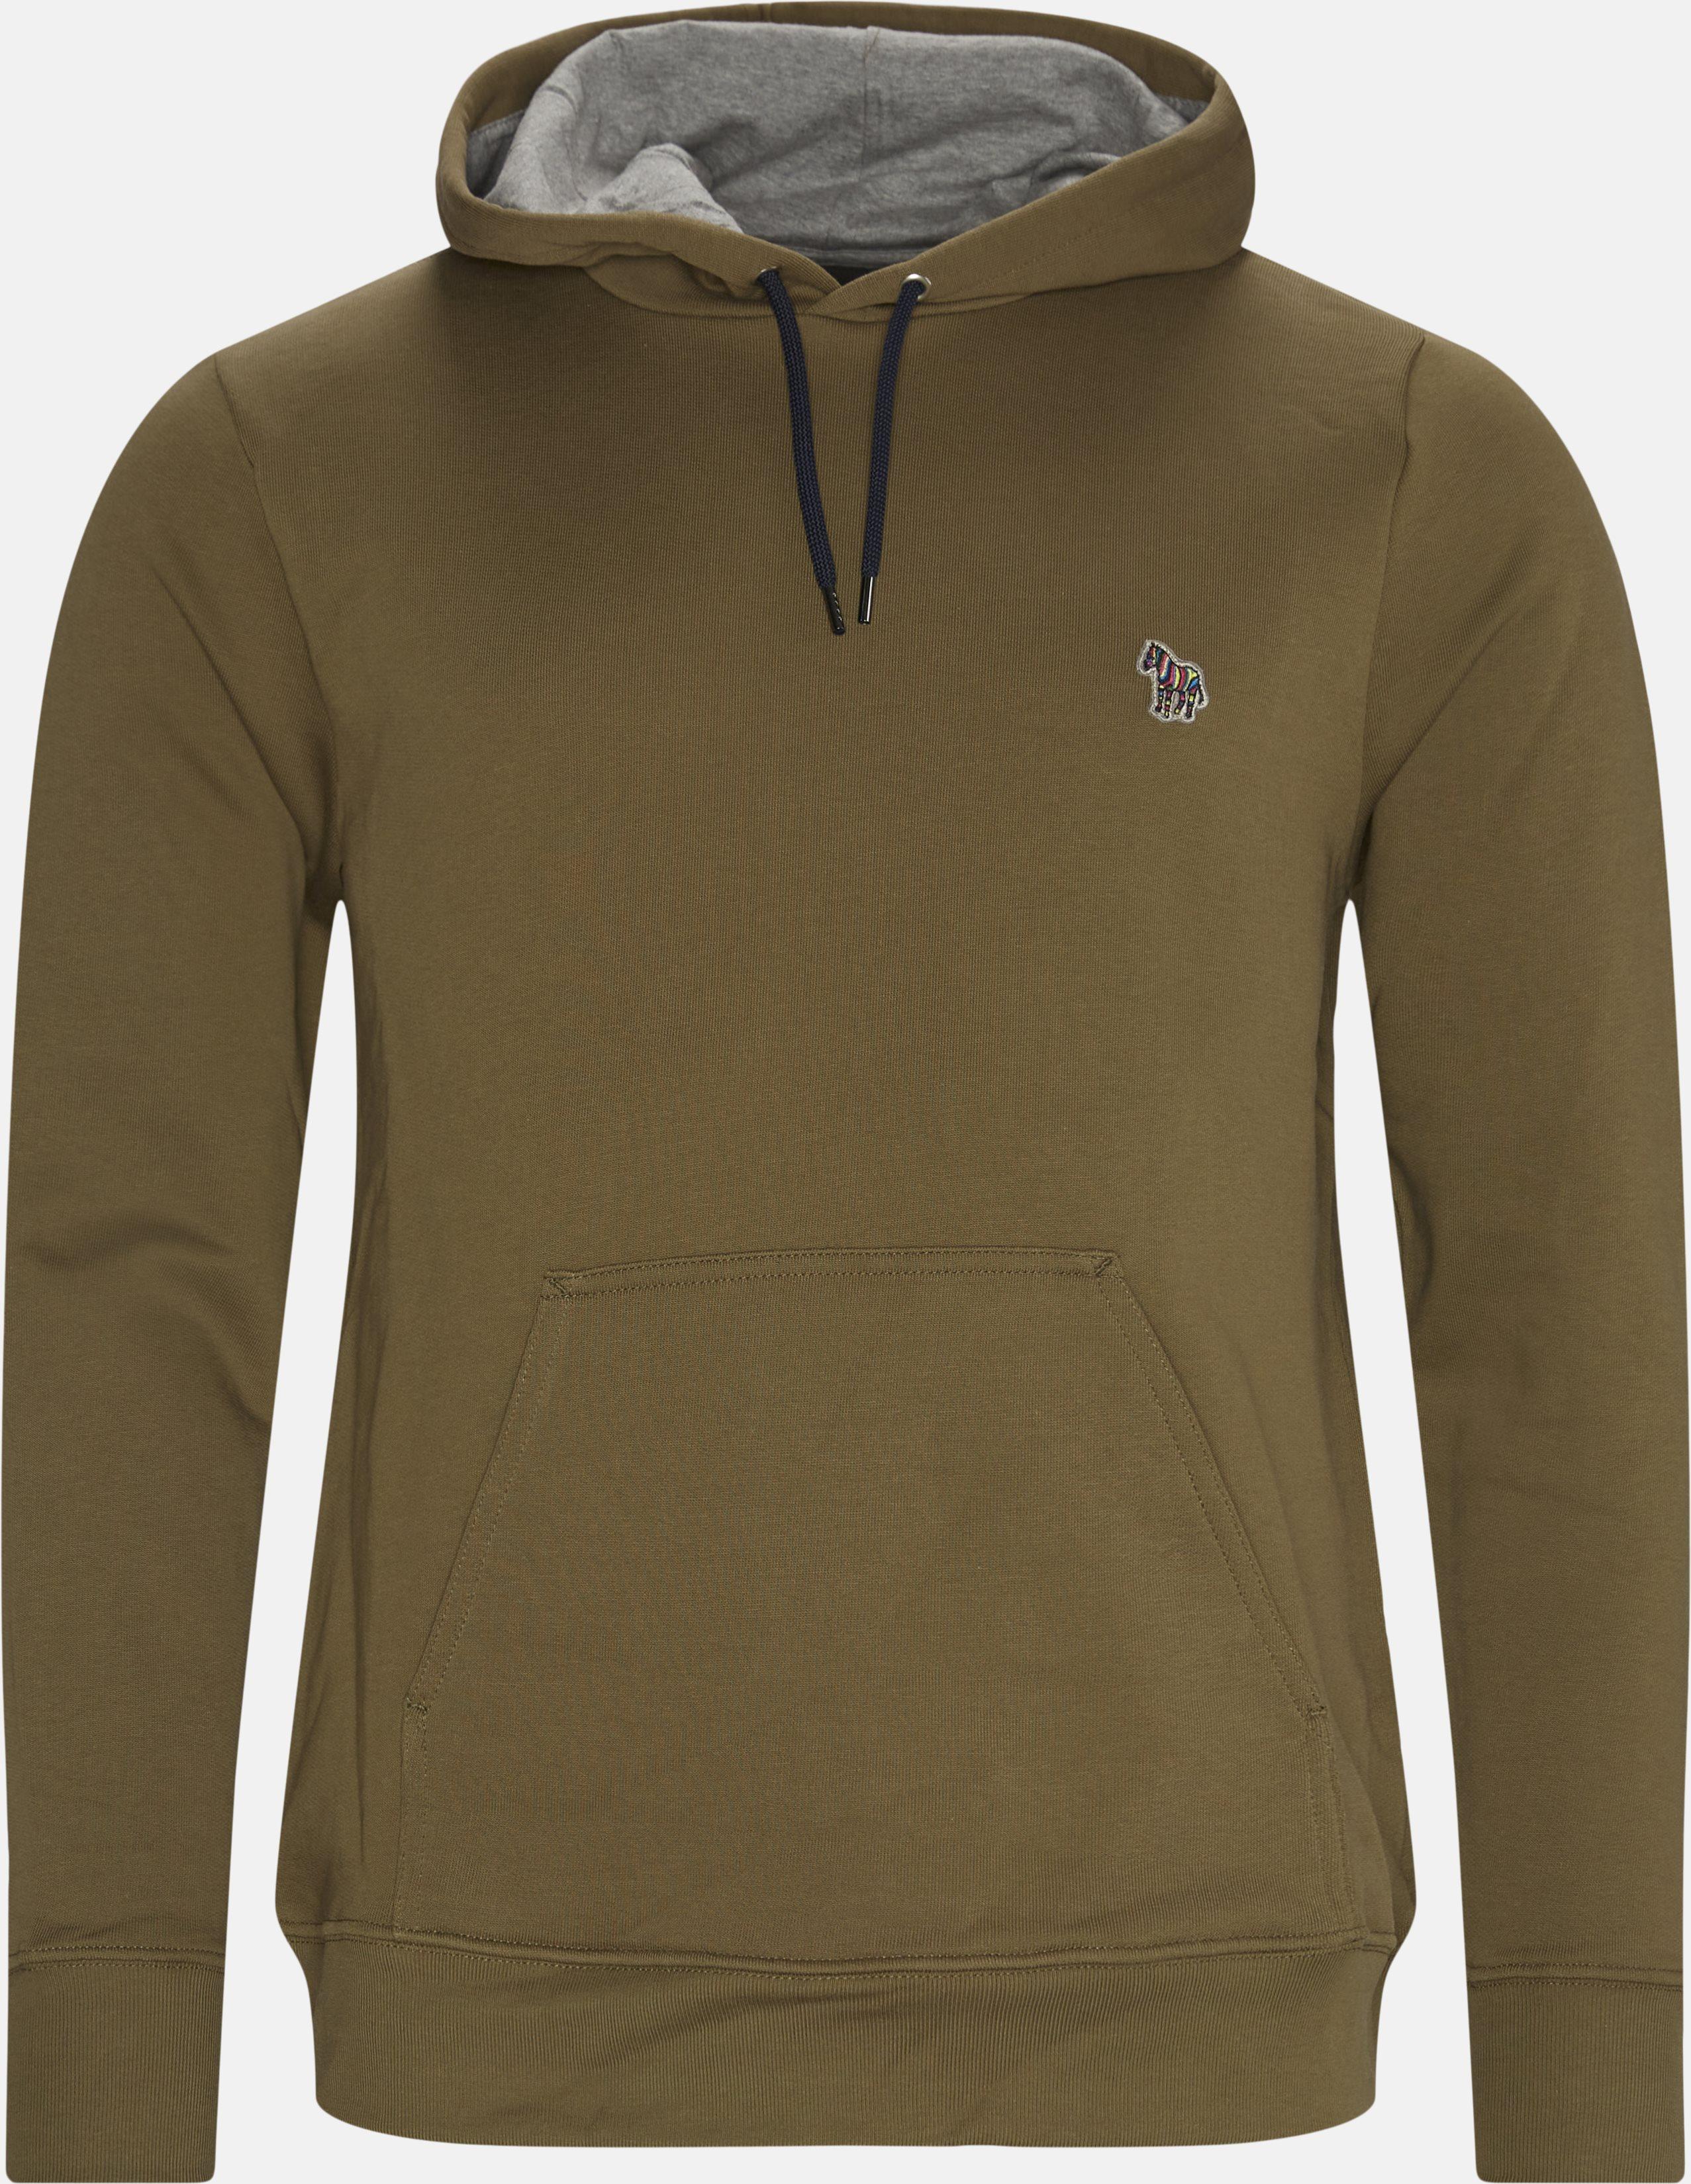 Hoodie  - Sweatshirts - Regular - Army